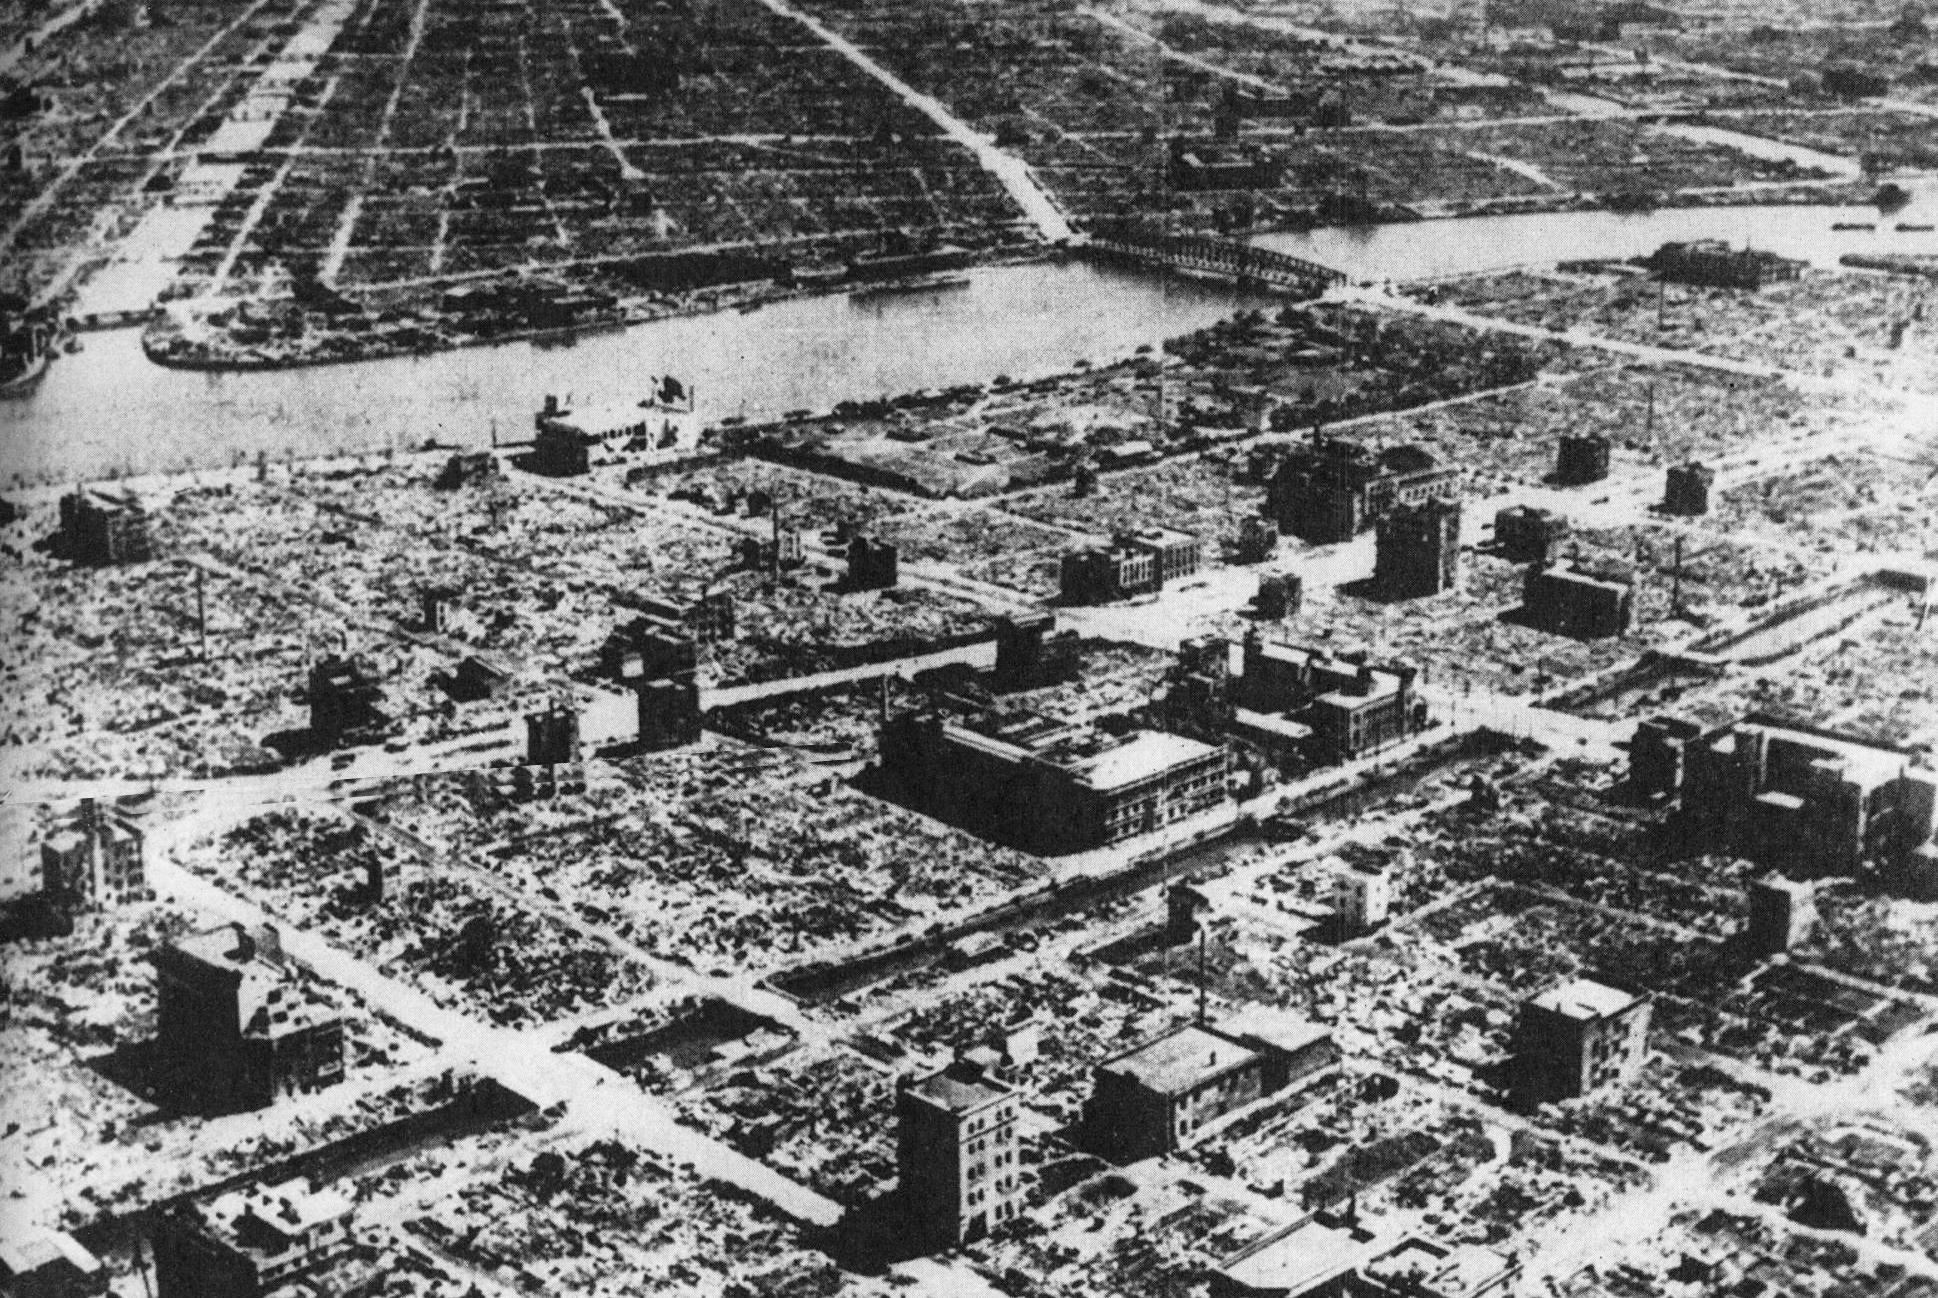 (  Project Japan, pg. 83) Postwar Tokyo devastation